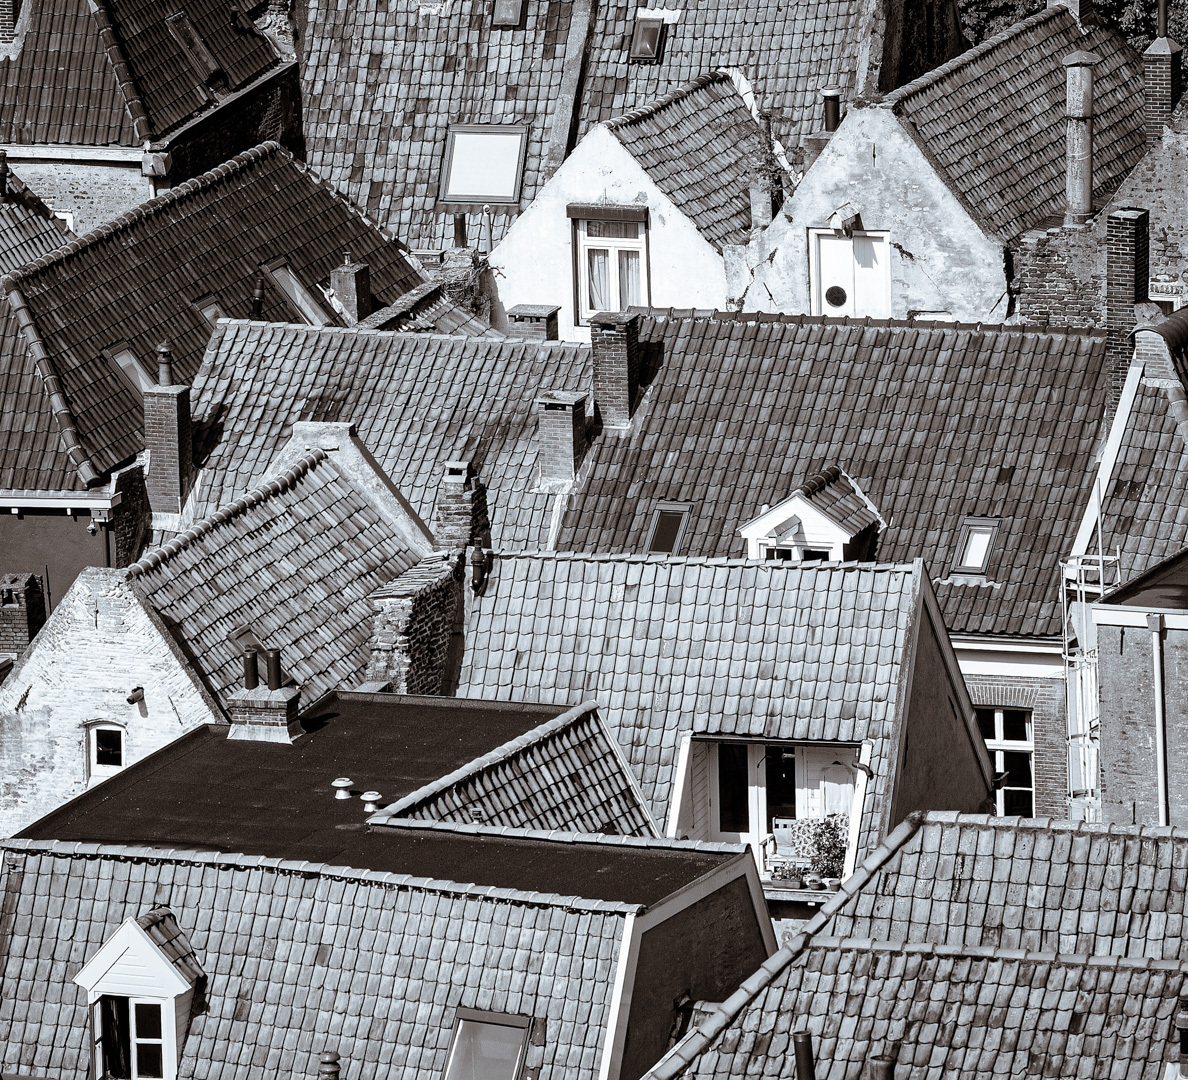 Bovenaanzicht - Zwart/wit weergave van daken in een middeleeuwse stad vanaf de kerktoren. - foto door viterson op 11-04-2021 - locatie: Zutphen, Nederland - deze foto bevat: eigendom, dag, wit, gebouw, zwart, venster, wereld, huis, stedelijk ontwerp, hout